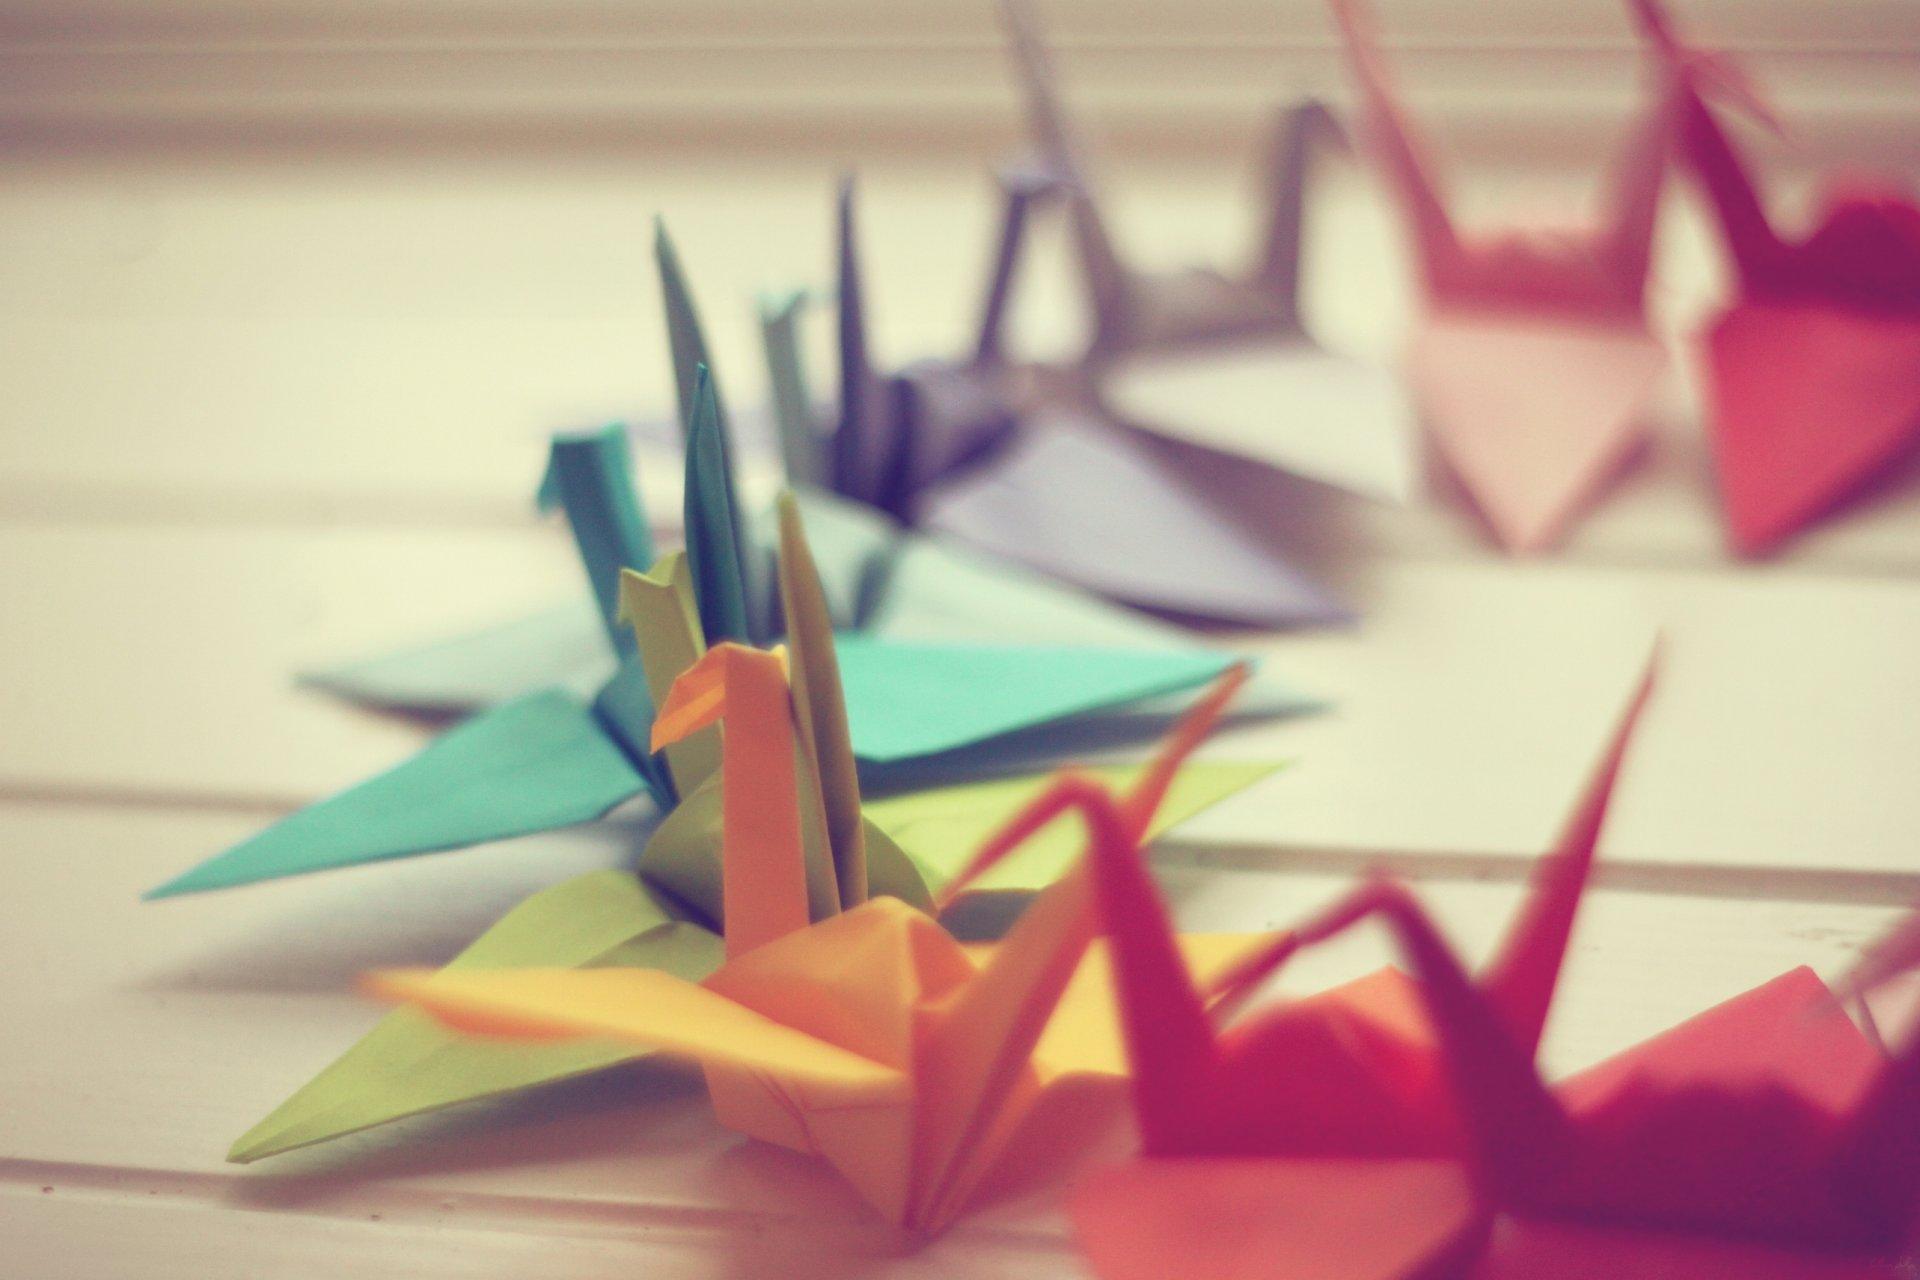 единственная фото шаблоны для оригами признак является причиной